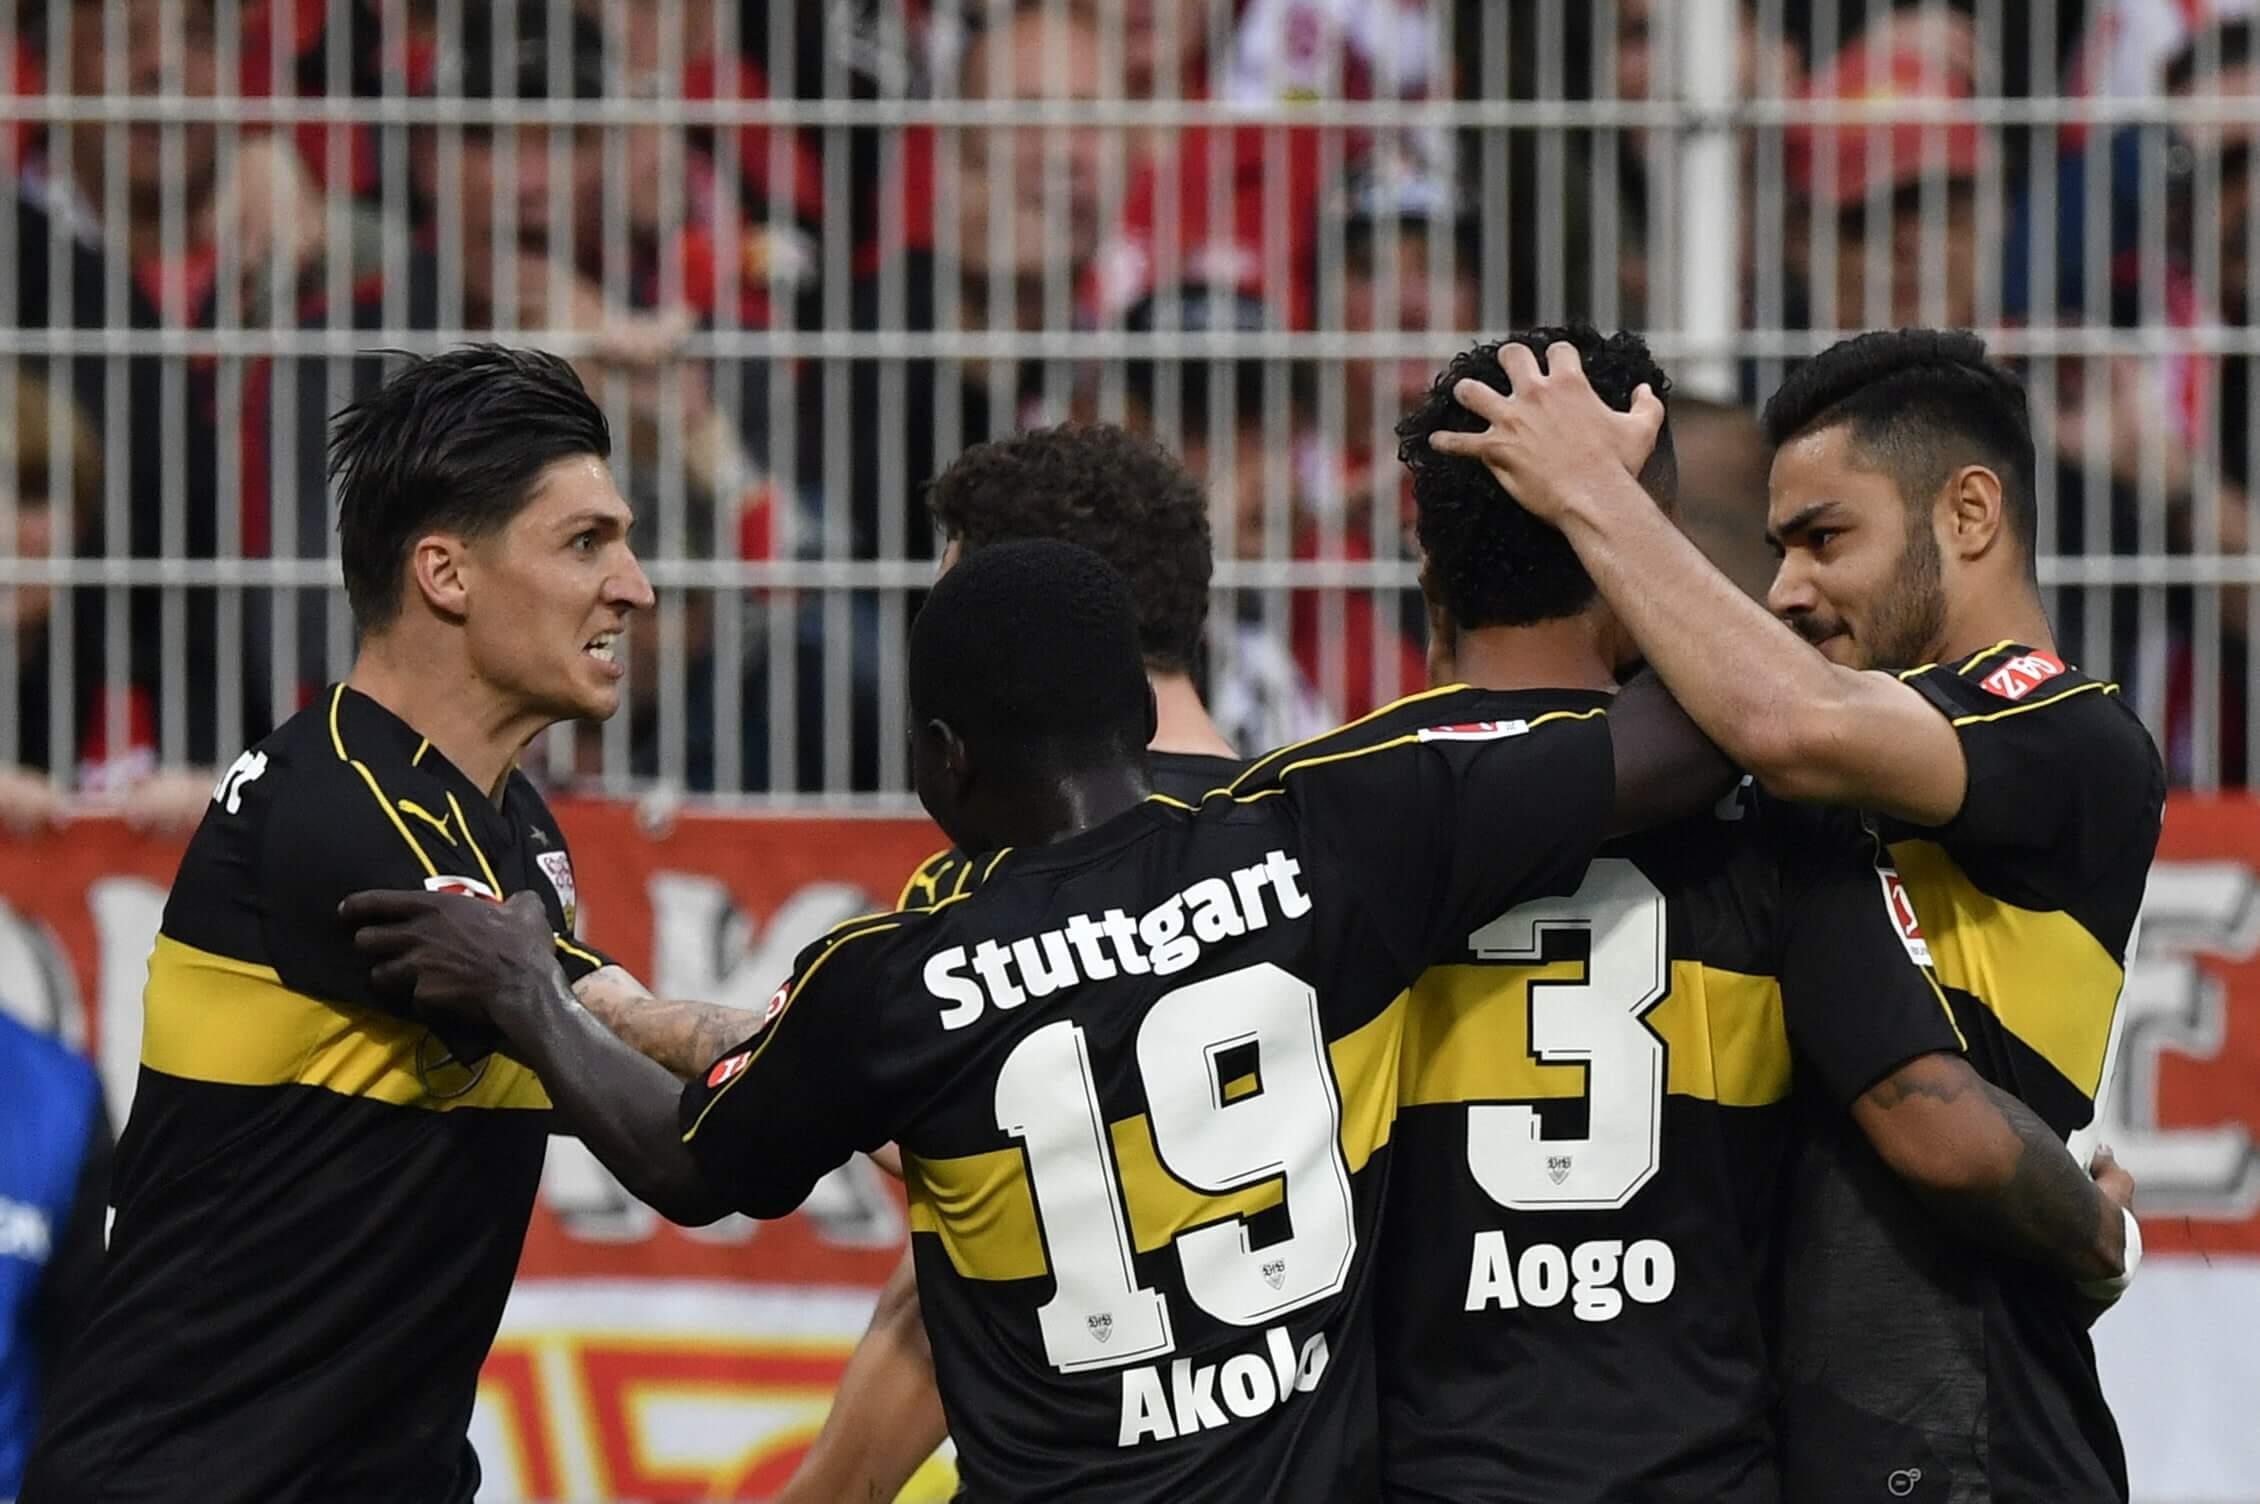 VfB Stuttgart vs. Hamburger SV